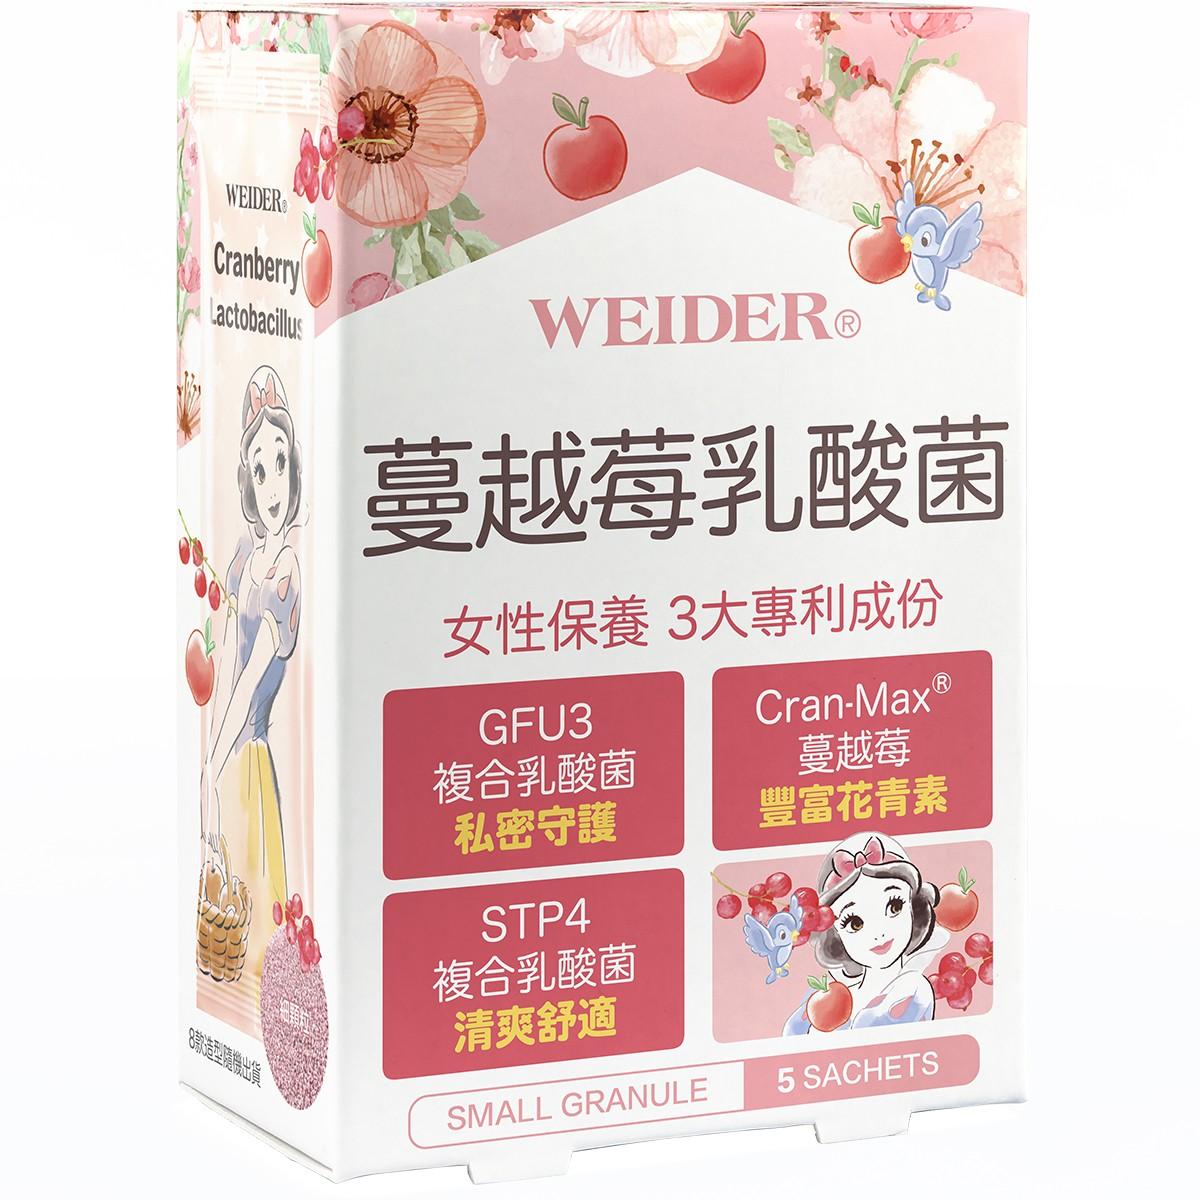 [1元試吃] 蔓越莓乳酸菌體驗組-5包/盒*1